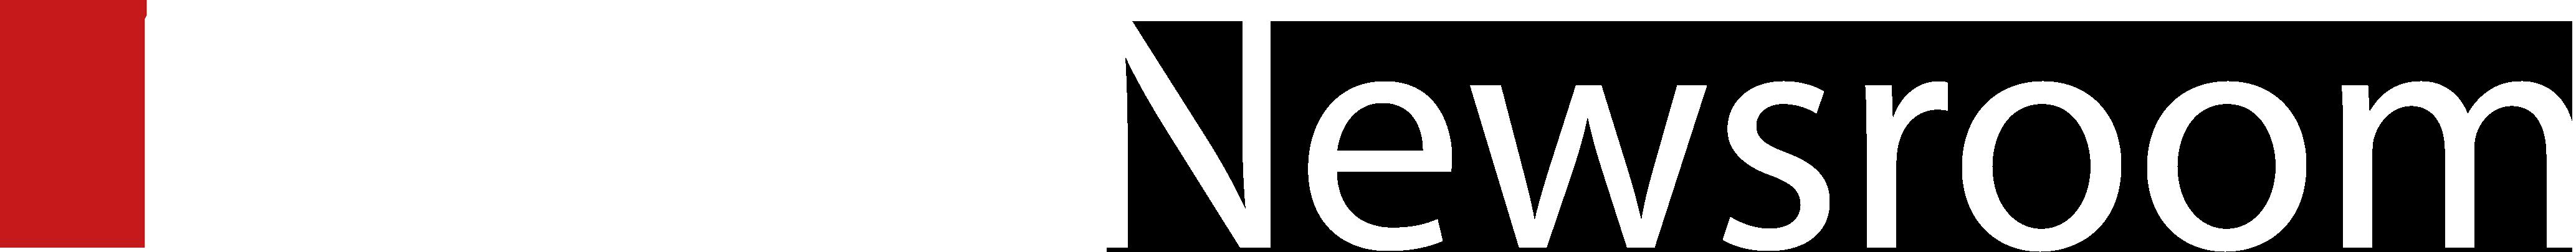 Pfister Newsroom